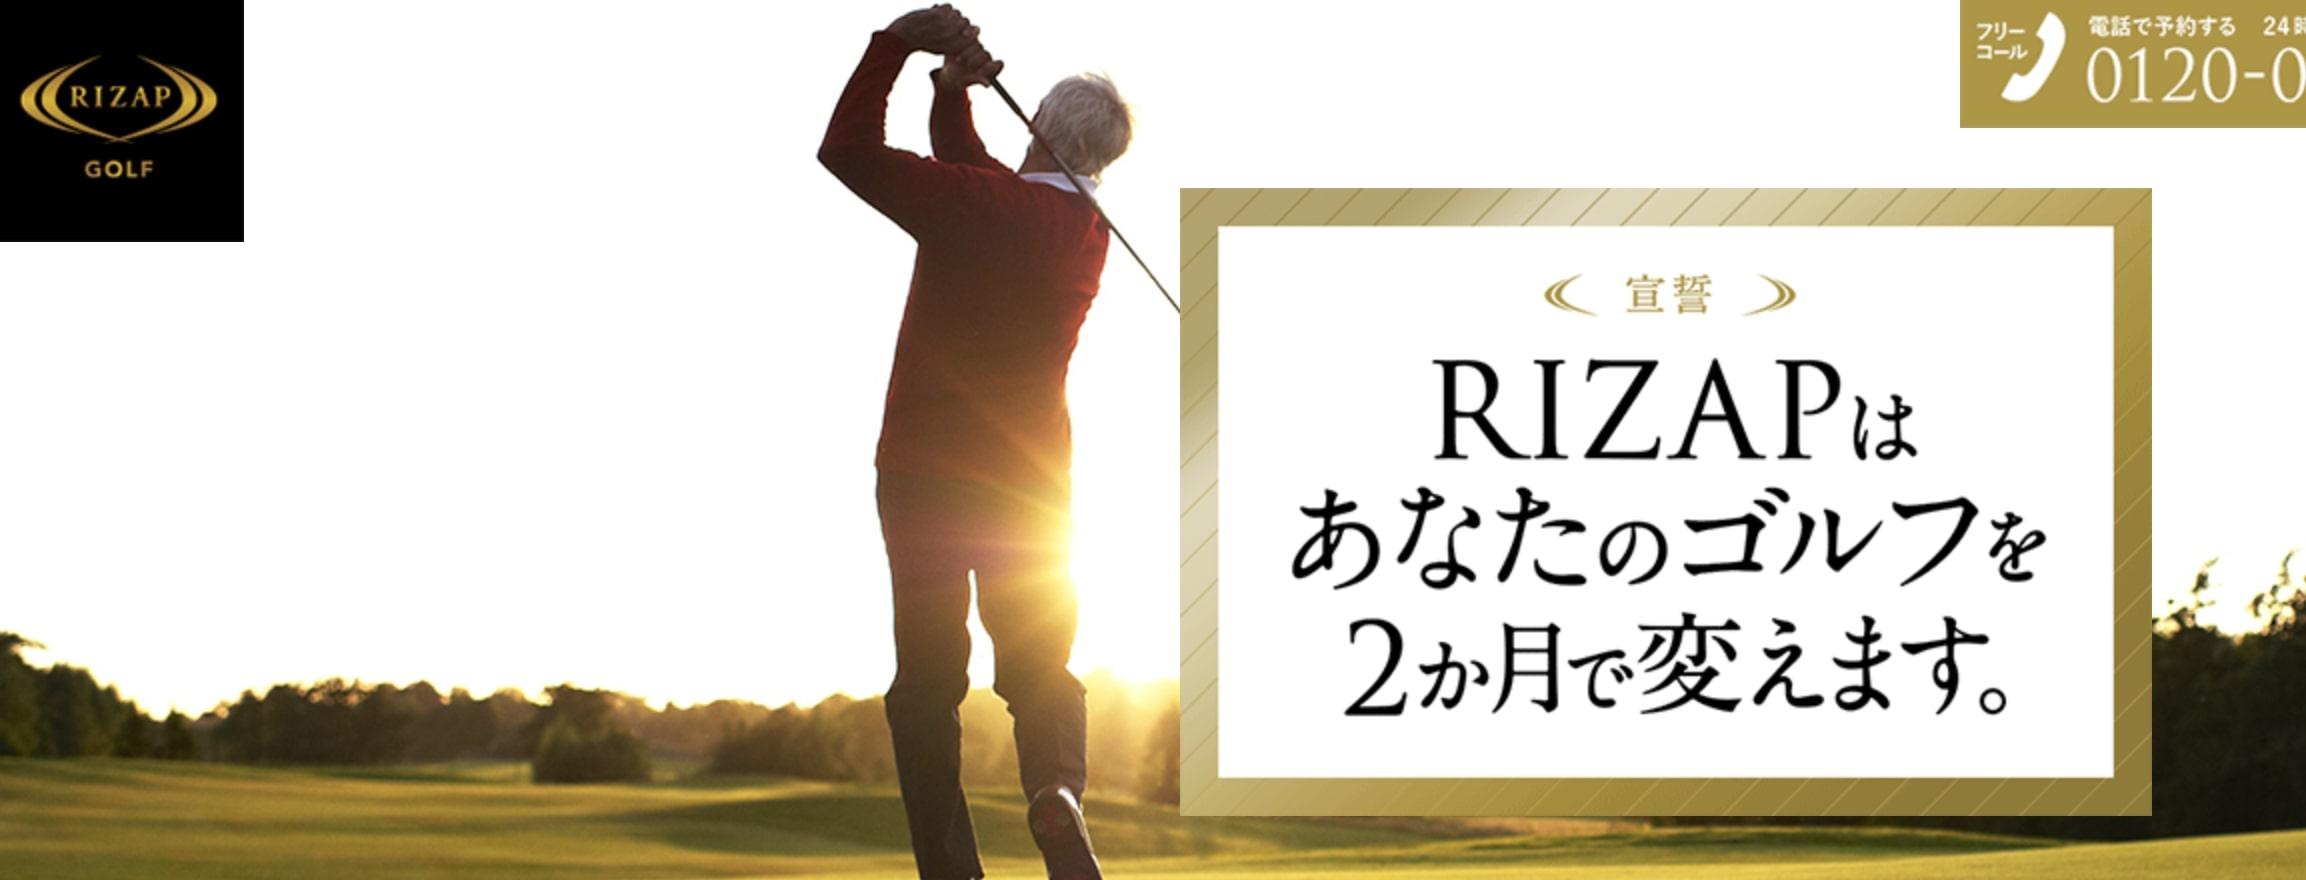 ゴルフ初心者にもおすすめのレッスンスクールRIZAP GOLF